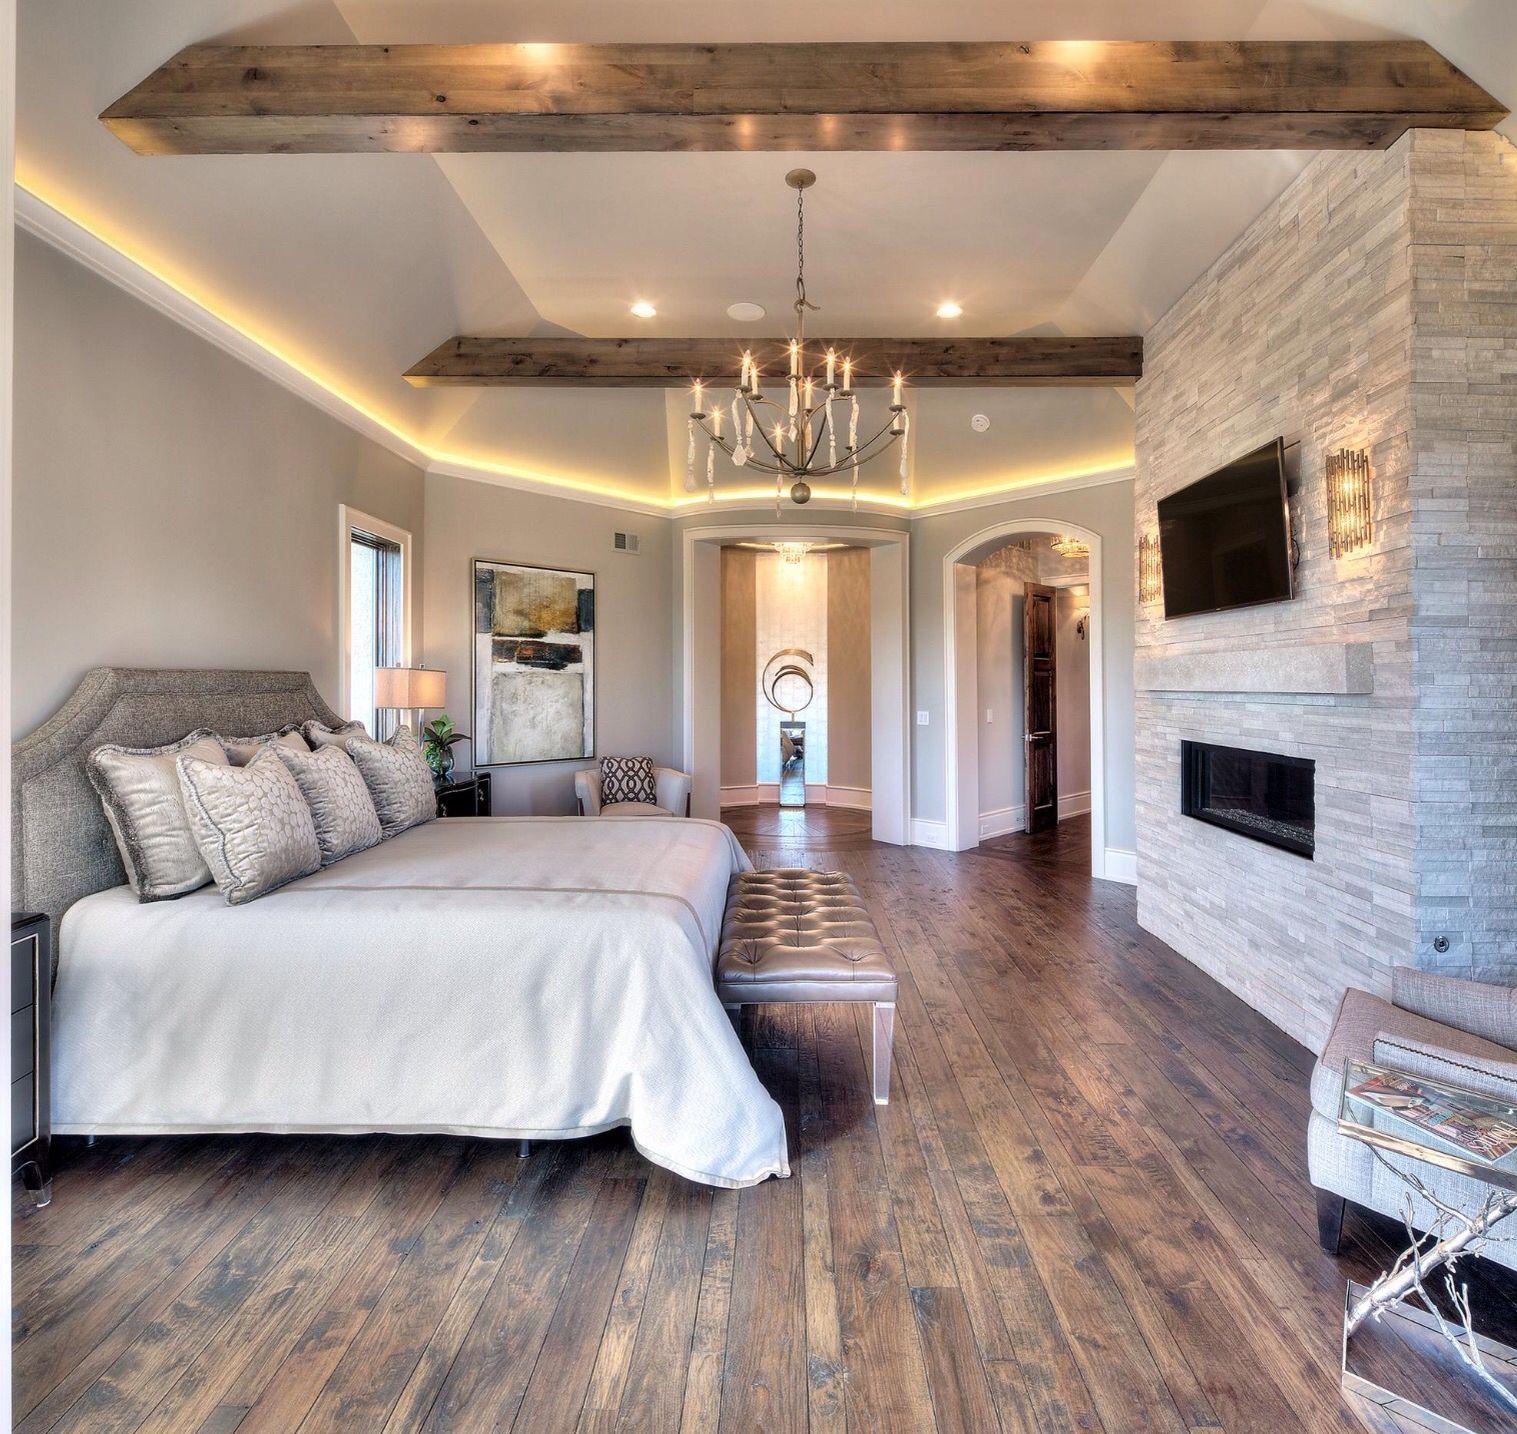 Master bedroom  Wood floors u wood beams  Beds  Pinterest  Beams